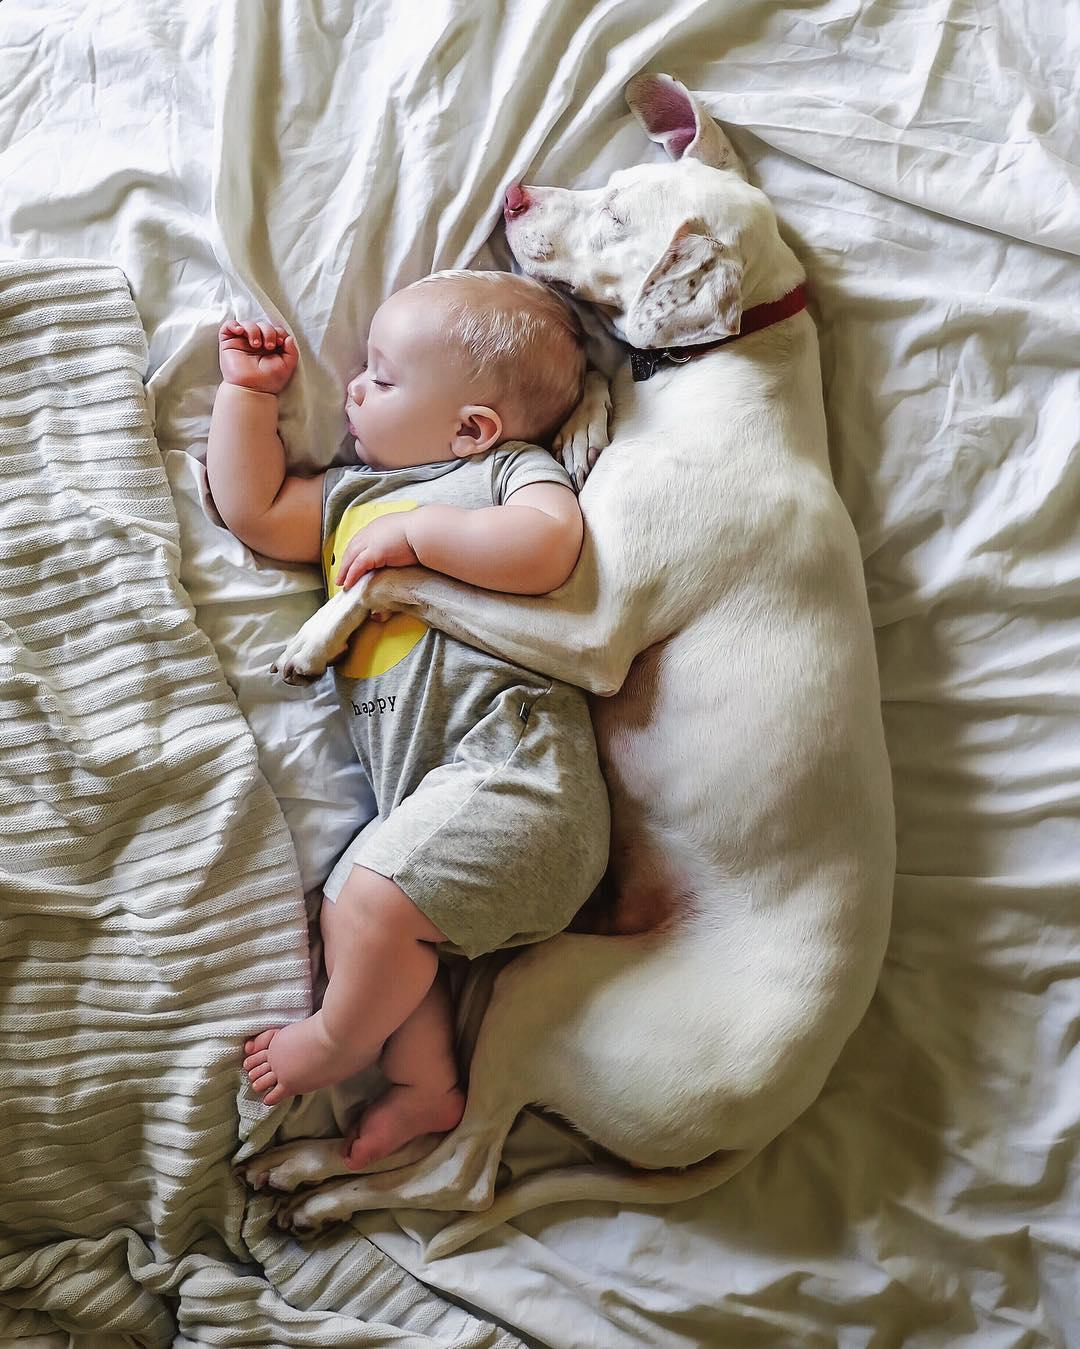 Ребенок и домашнее животное. Какого питомца стоит заводить? post thumbnail